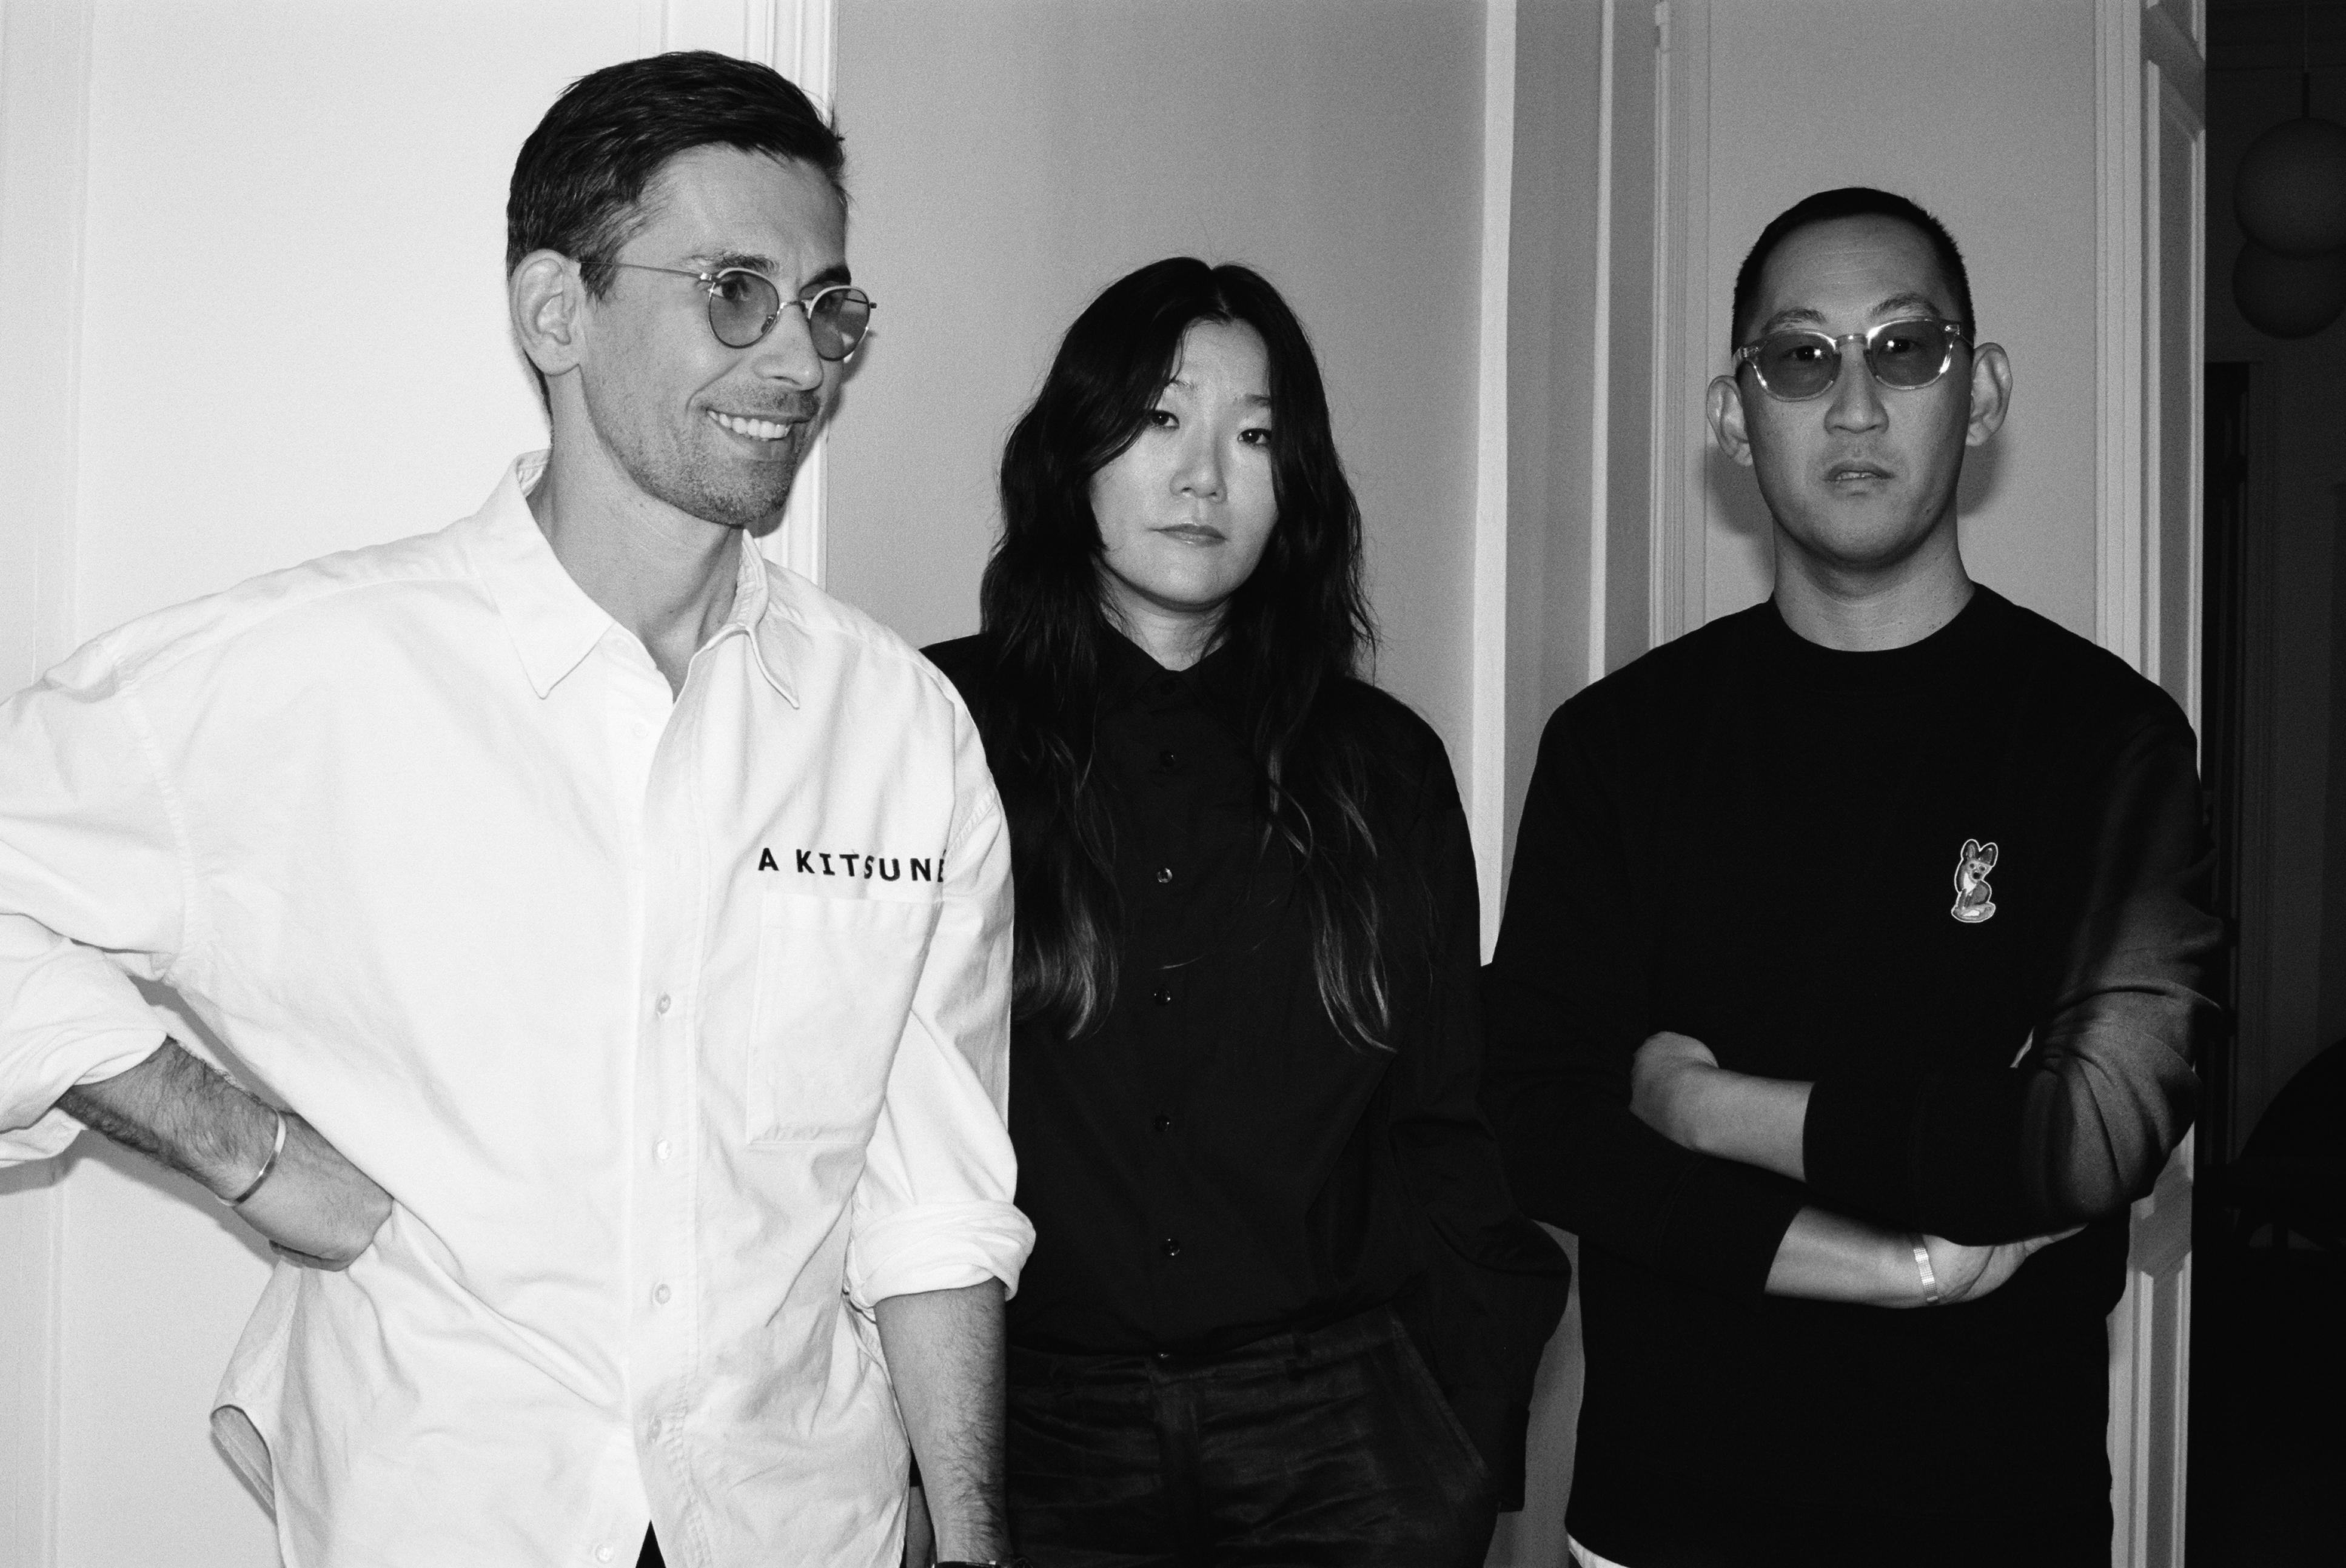 Gildas Loaëc, Yuni Ahn and Masaya Kuroki.